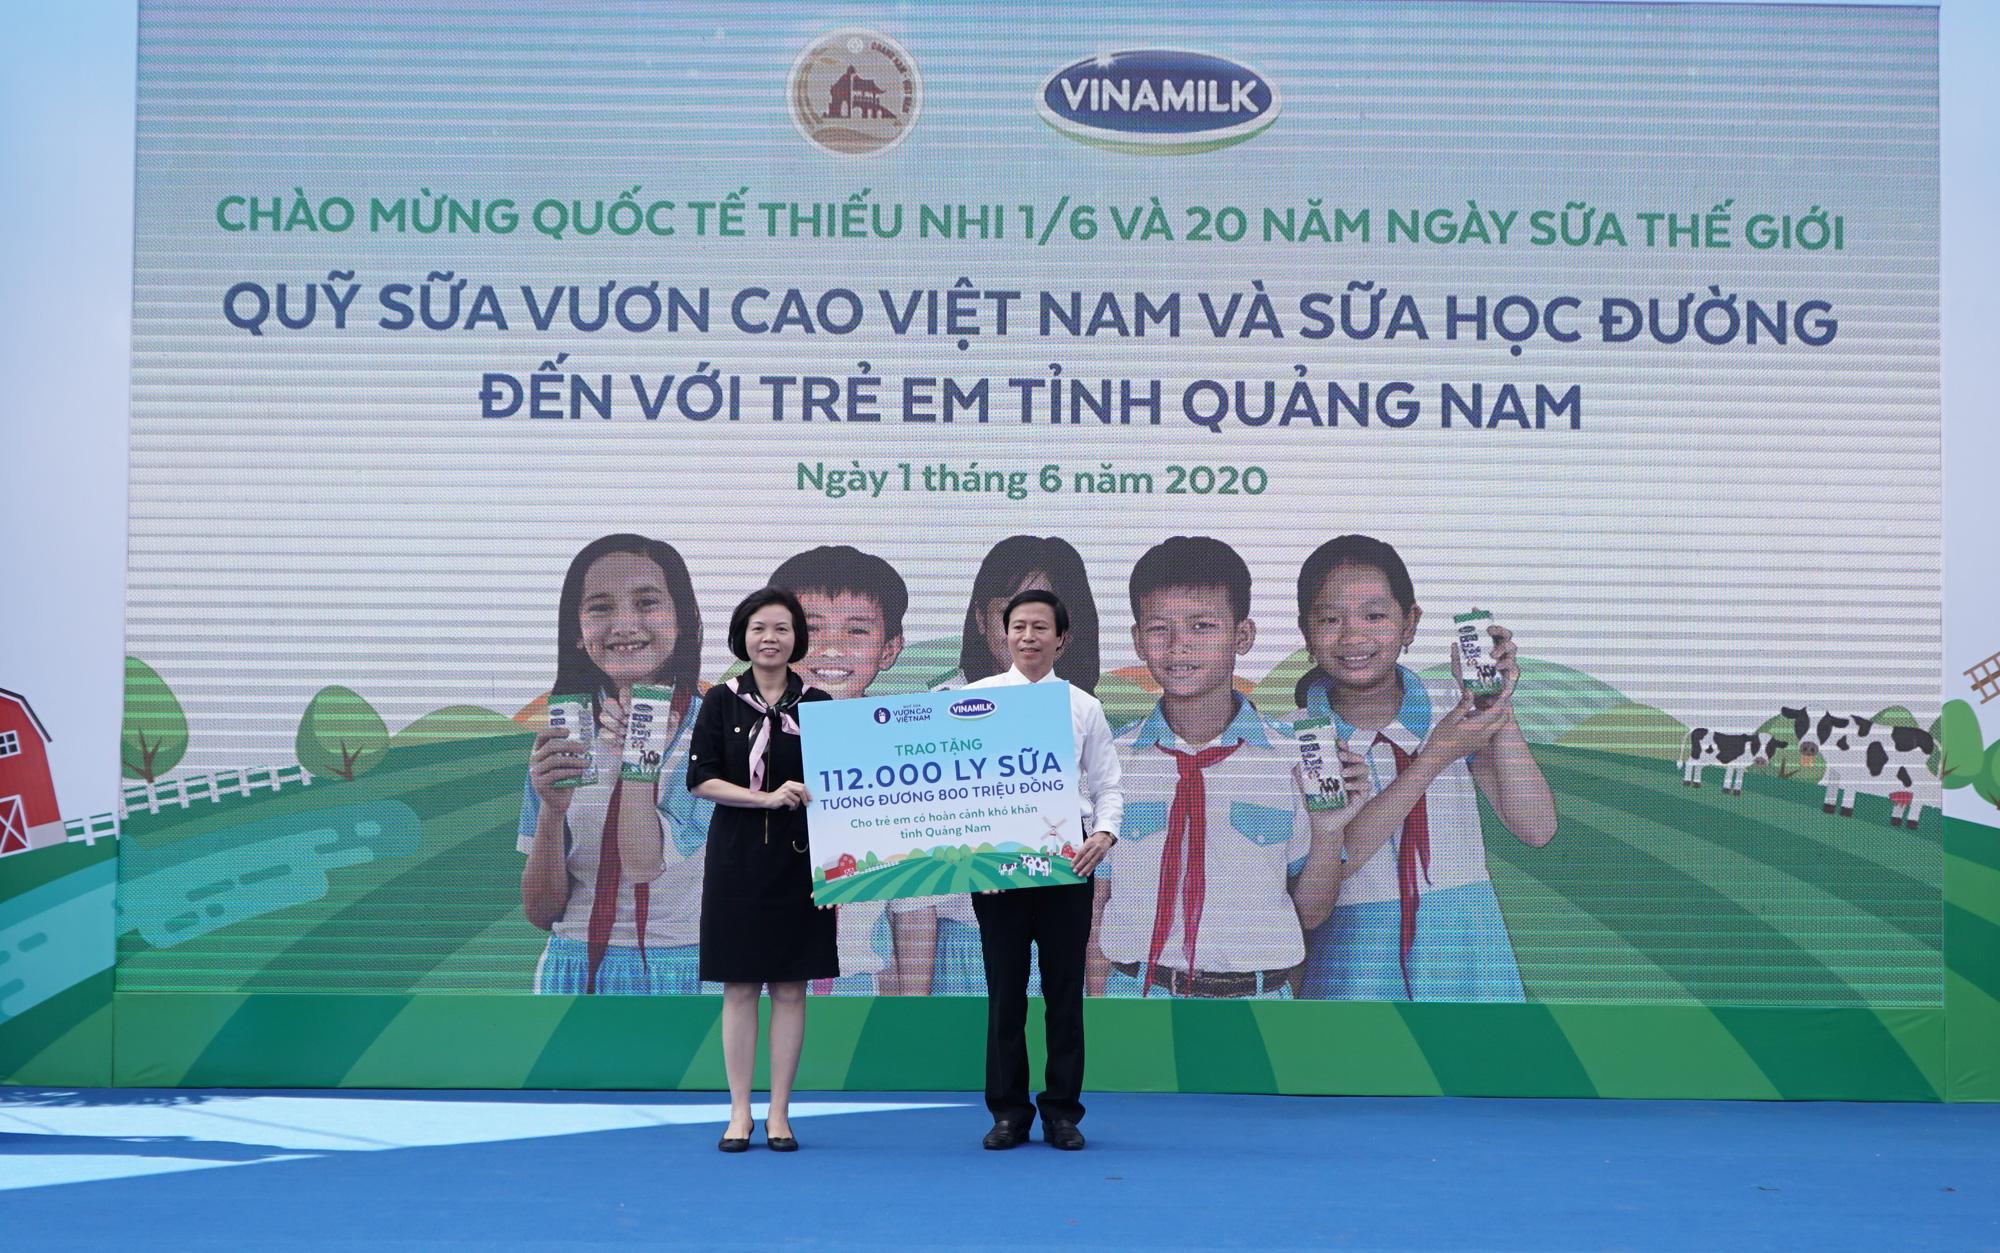 Quảng Nam: Hơn 34.000 trẻ em miền núi, khó khăn được uống Sữa học đường - Ảnh 3.